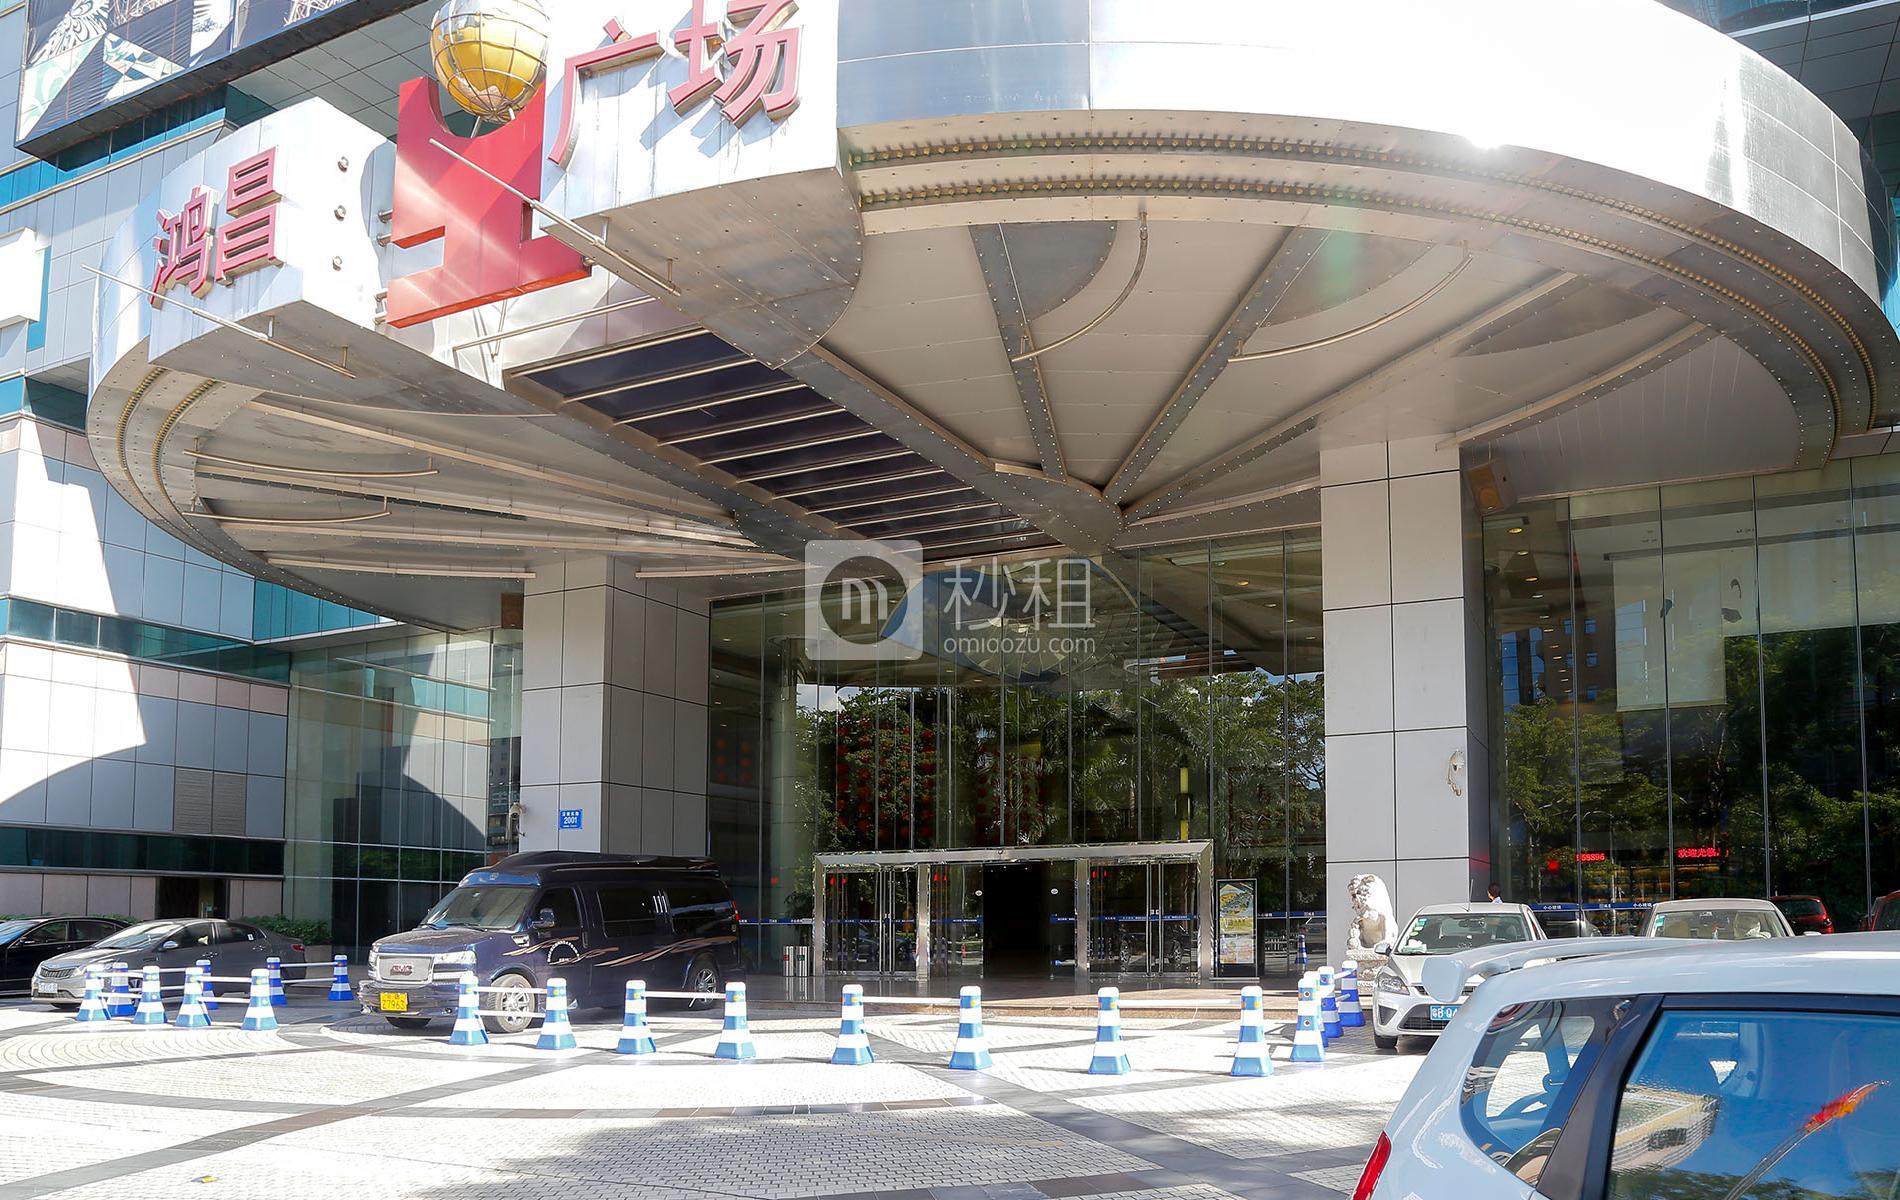 鸿昌广场写字楼出租/招租/租赁,鸿昌广场办公室出租/招租/租赁